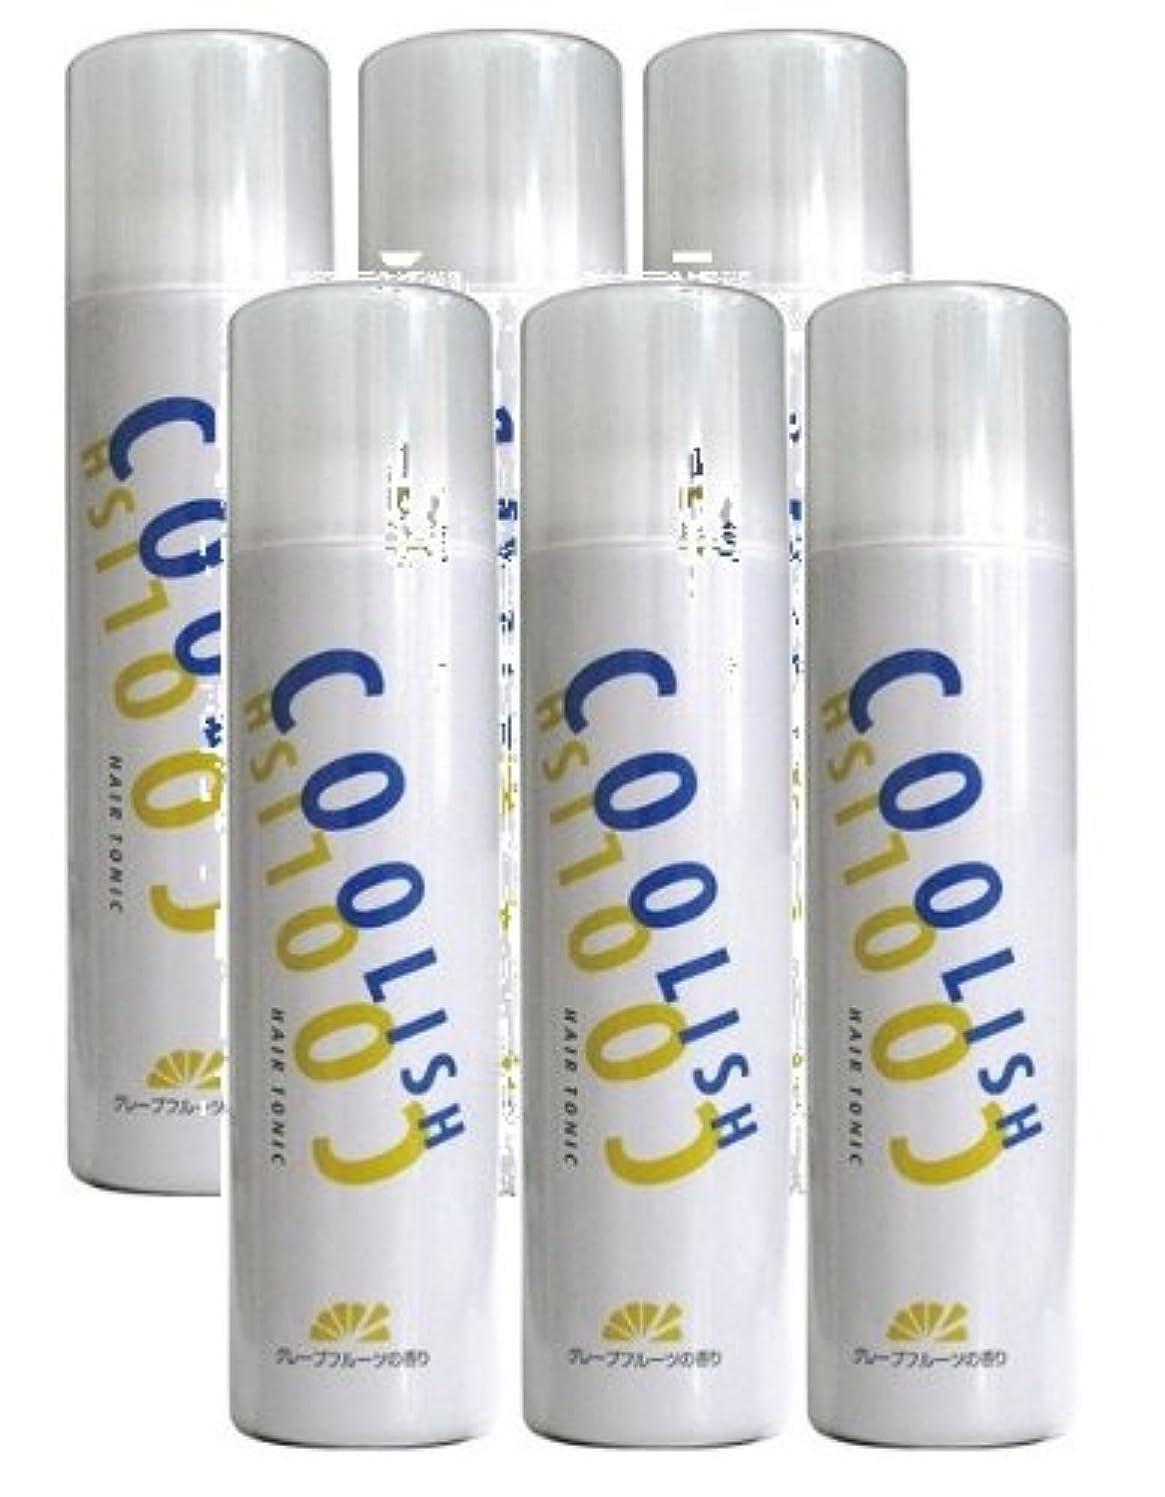 電気の永久乳白中日製薬 クーリッシュ ヘアトニック 300g【お得な6本セット】